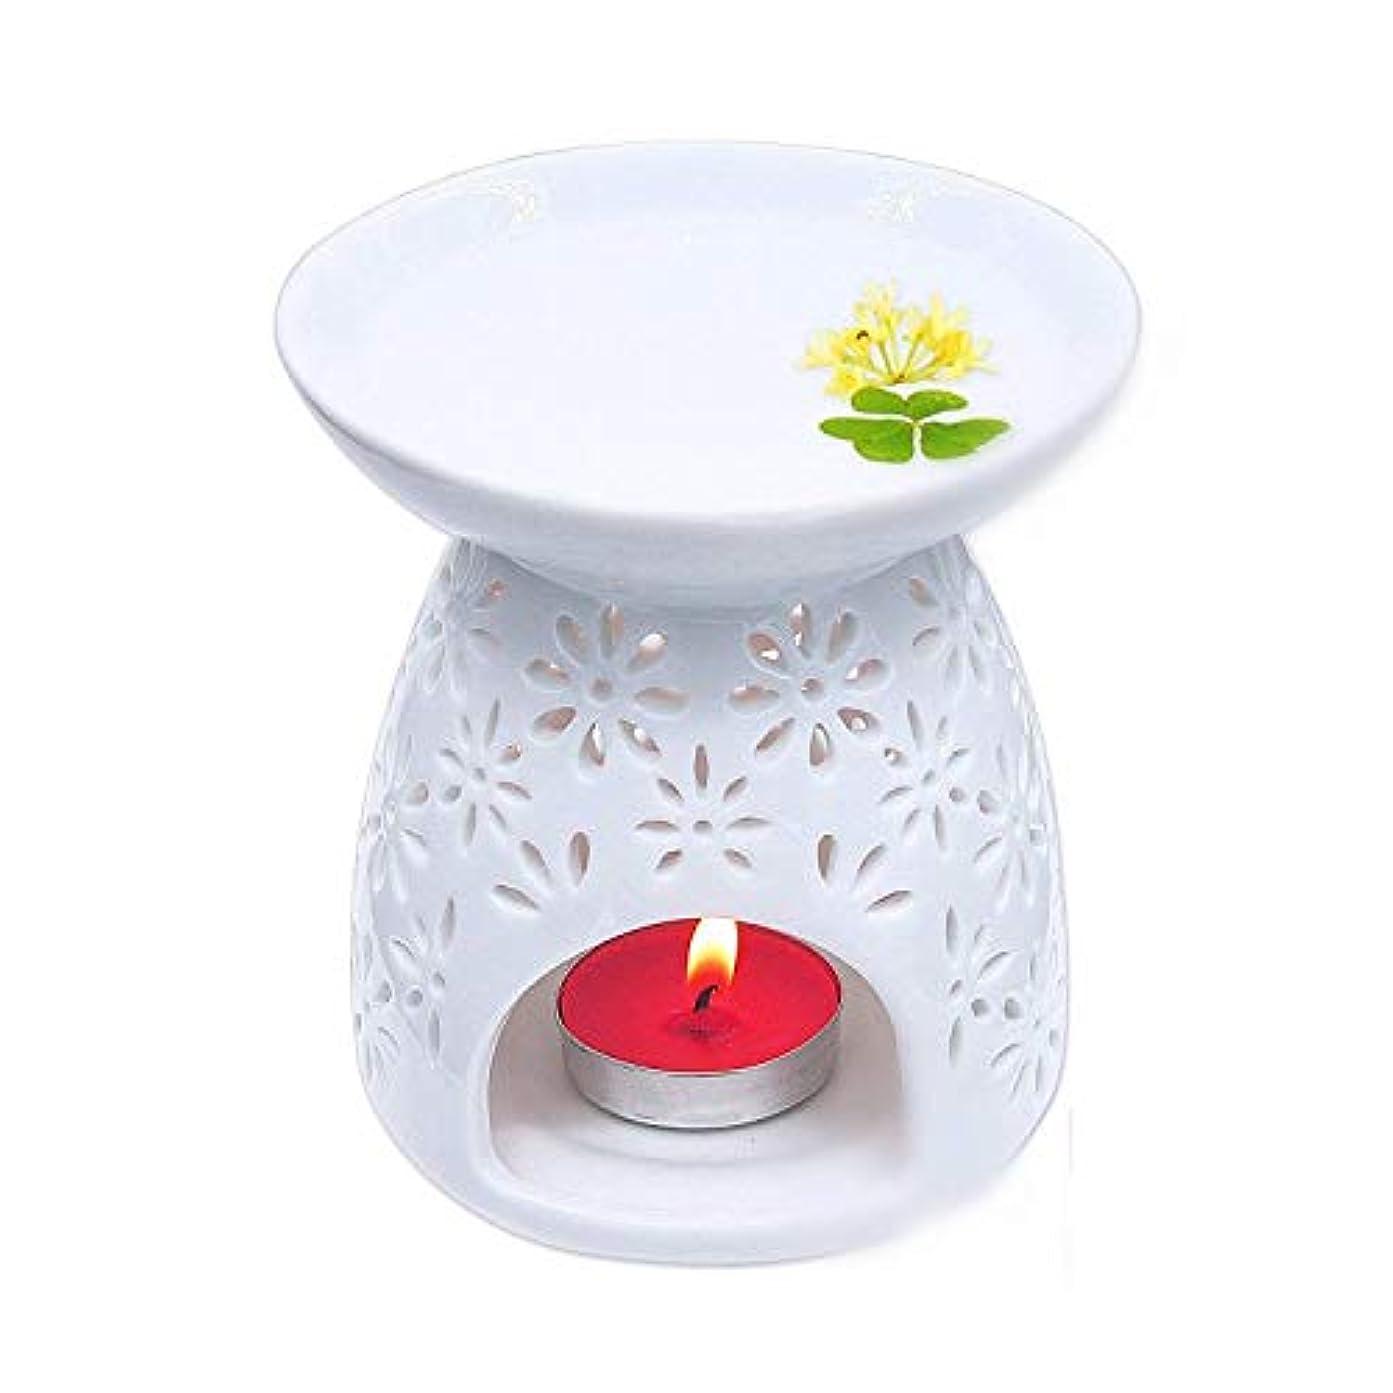 前兆しおれた簿記係Pursue 茶香炉 アロマ炉 香炉 陶器 精油 香炉置物 薫香 インテリア アロマディフューザー 中空の彫刻工 消臭と癒し おしゃれ